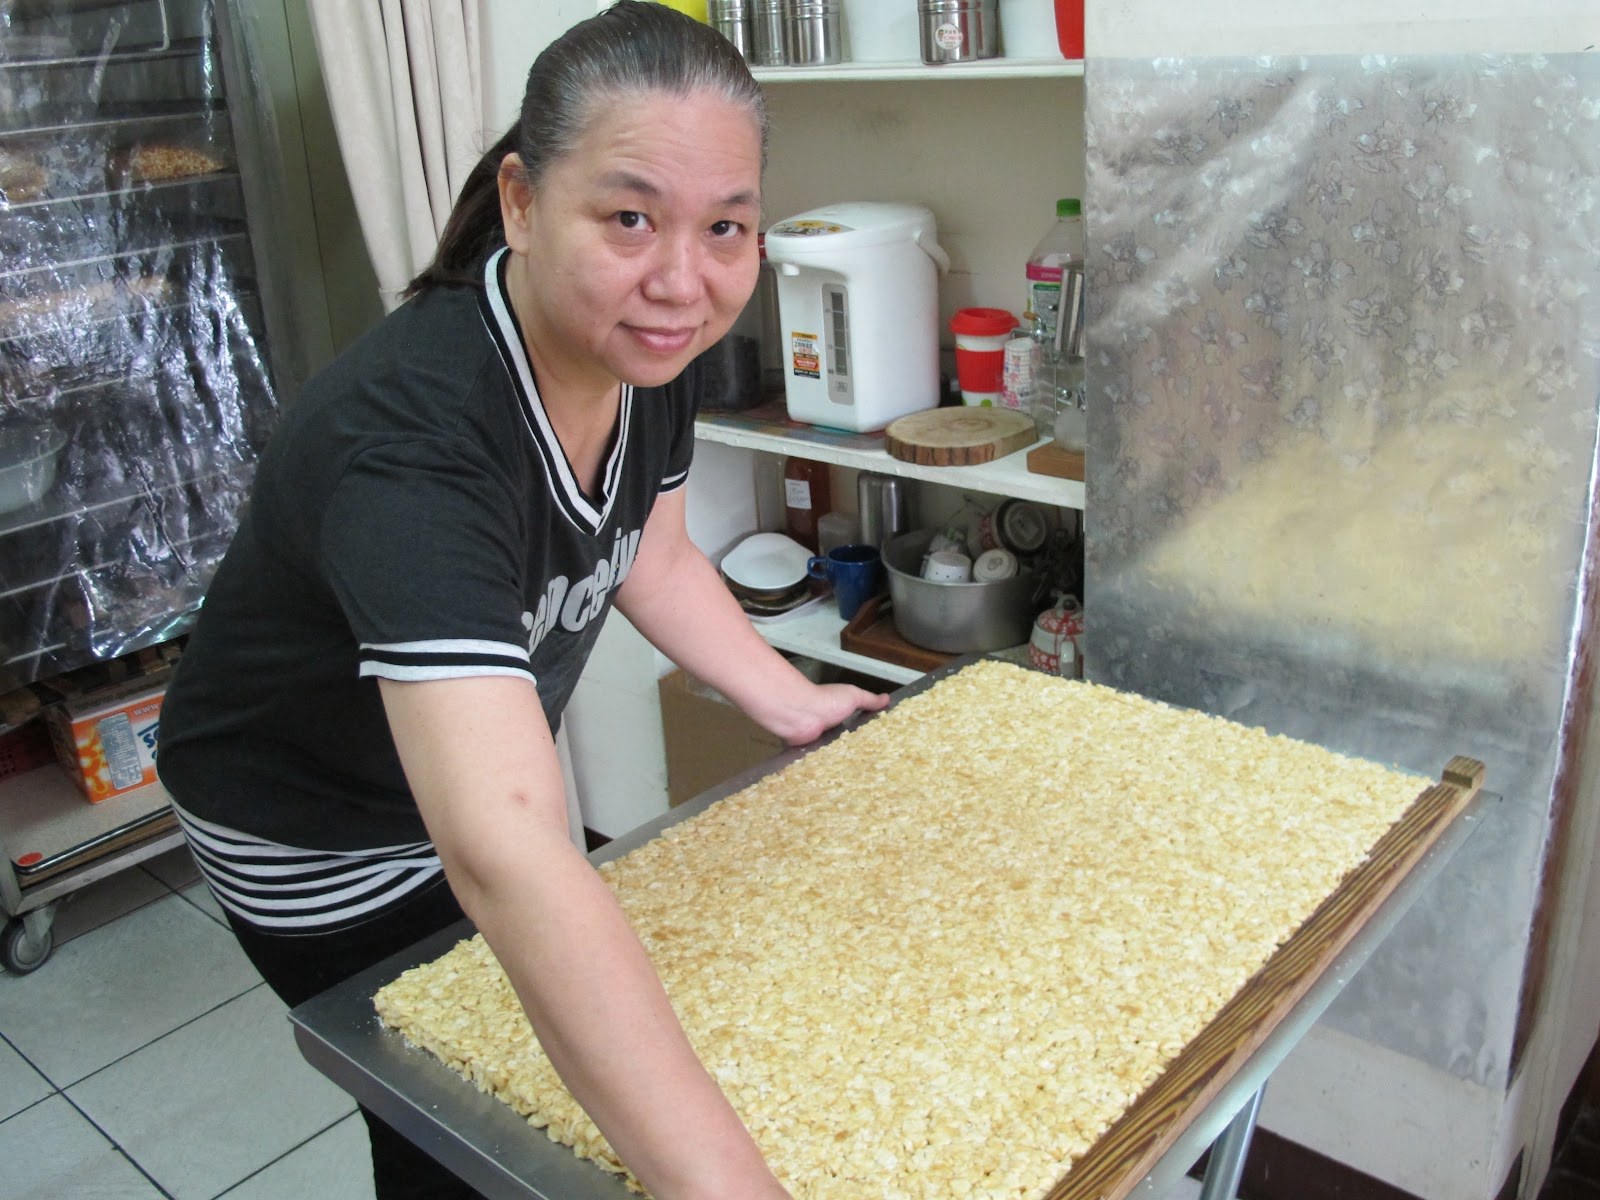 黃金馬子 健康的古老滋味 - 華視新聞網